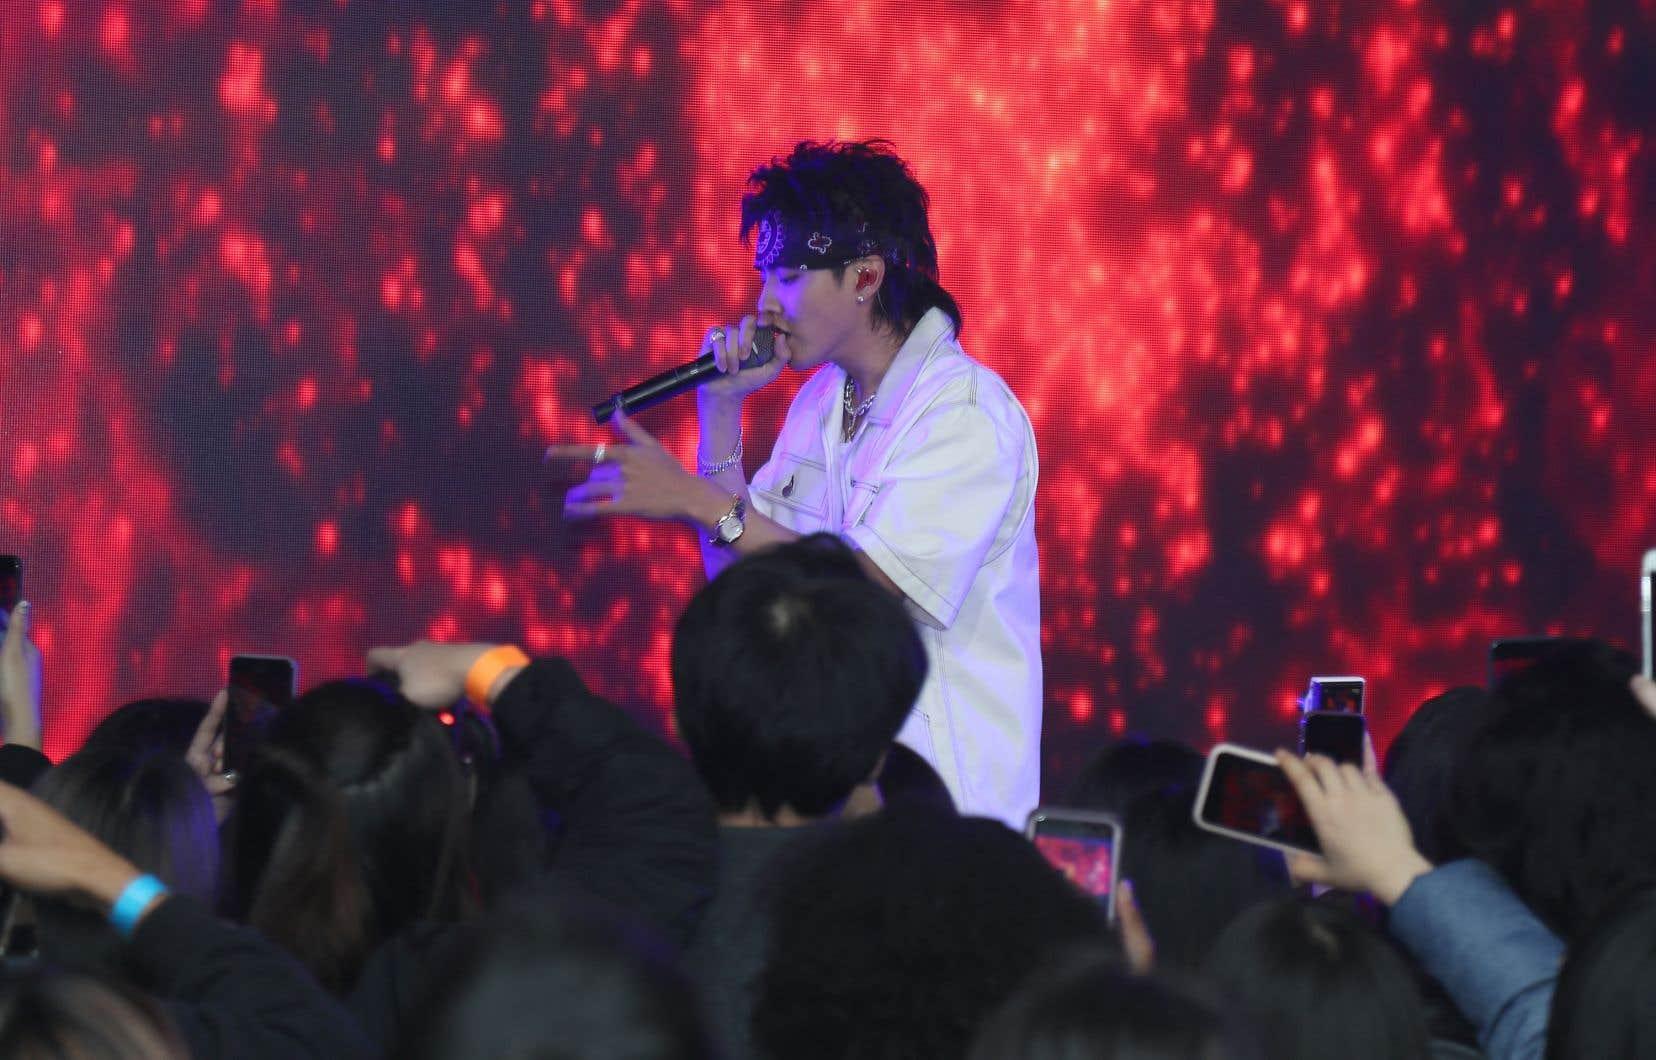 La police de Pékin détient le chanteur sino-canadien Kris Wu, soupçonné de viol